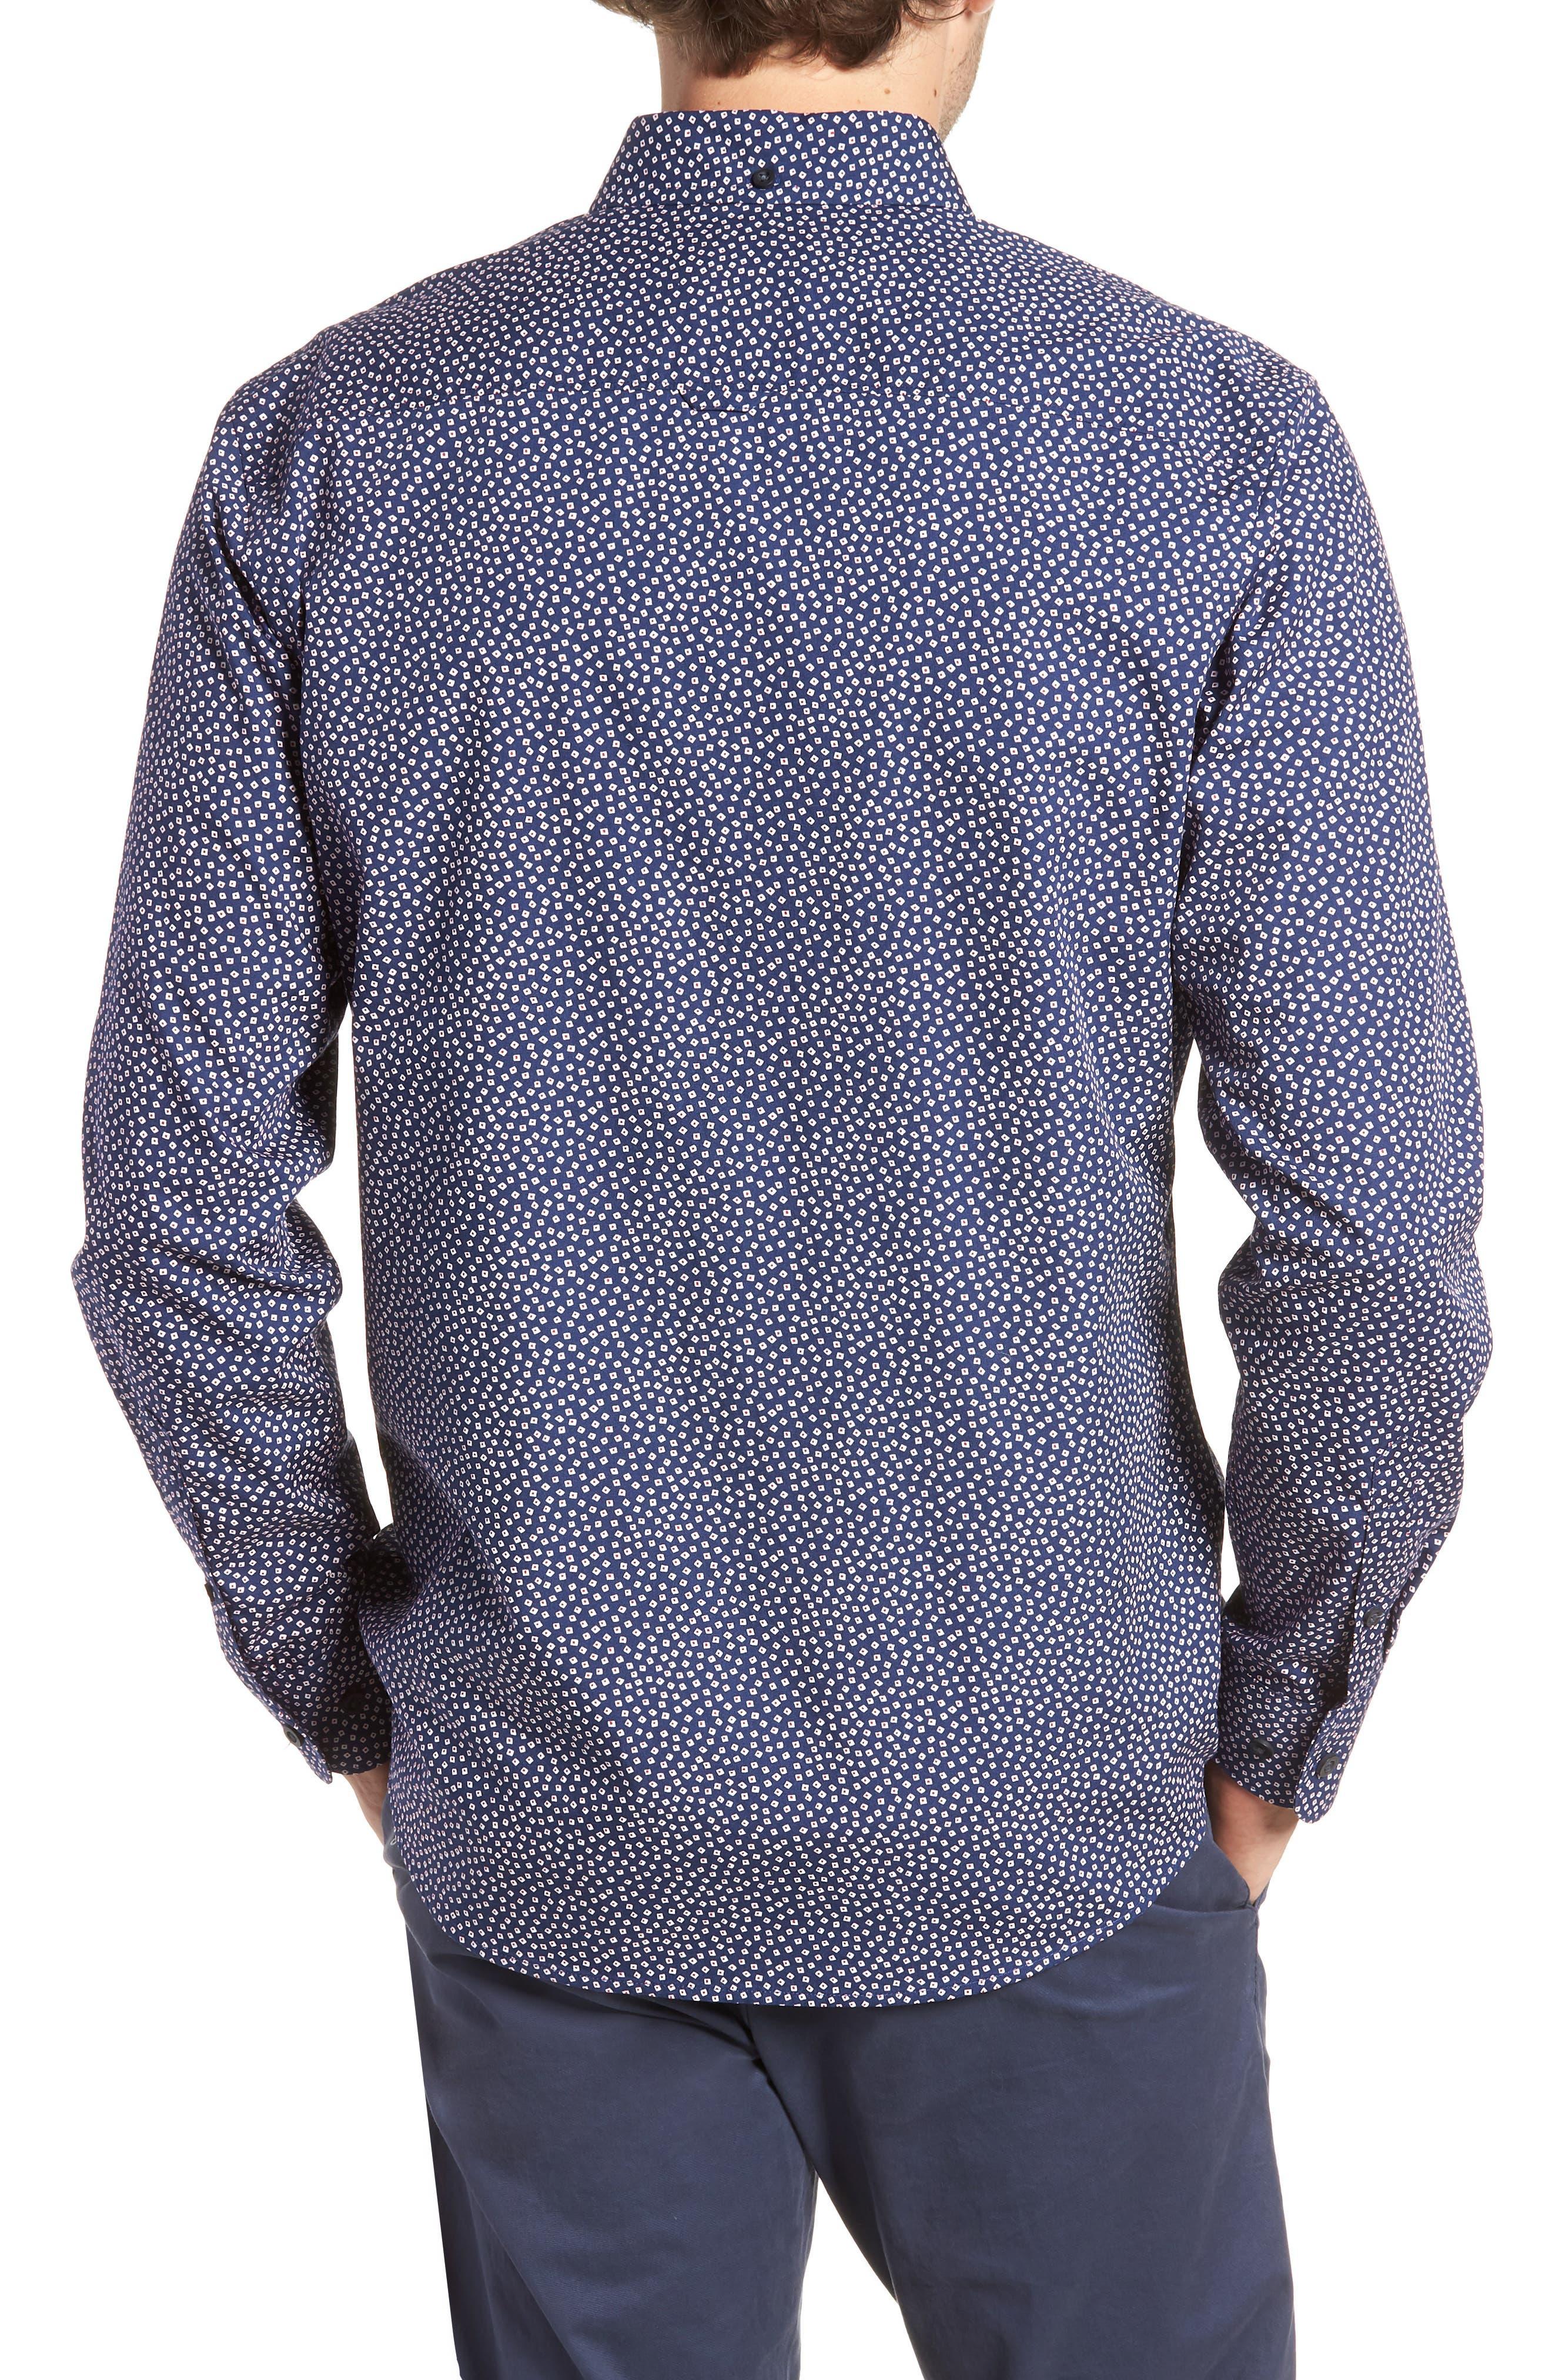 Ivy Trim Fit Print Sport Shirt,                             Alternate thumbnail 2, color,                             410